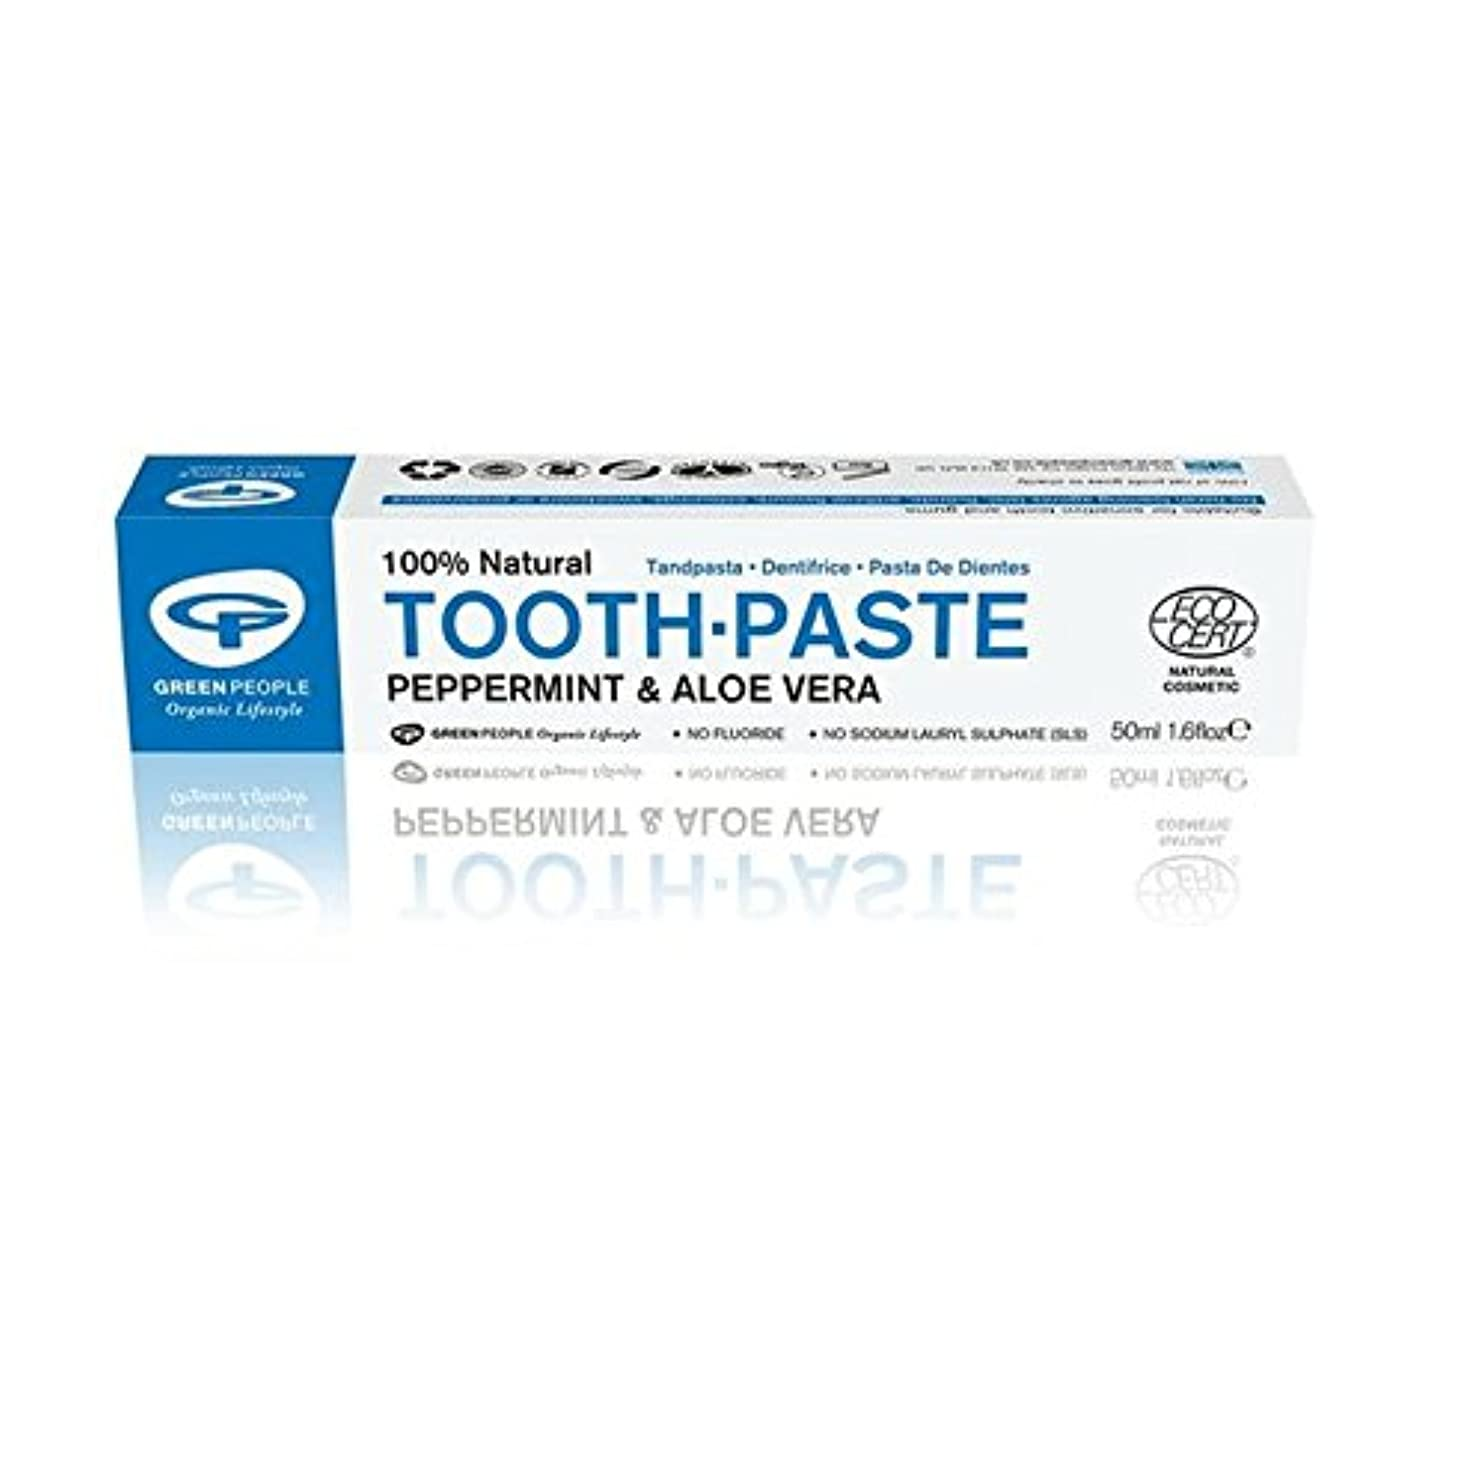 ヘルパー孤独大きさGreen People Natural Mint Toothpaste 50ml (Pack of 6) - 緑の人々の自然ミント歯磨き粉50ミリリットル x6 [並行輸入品]